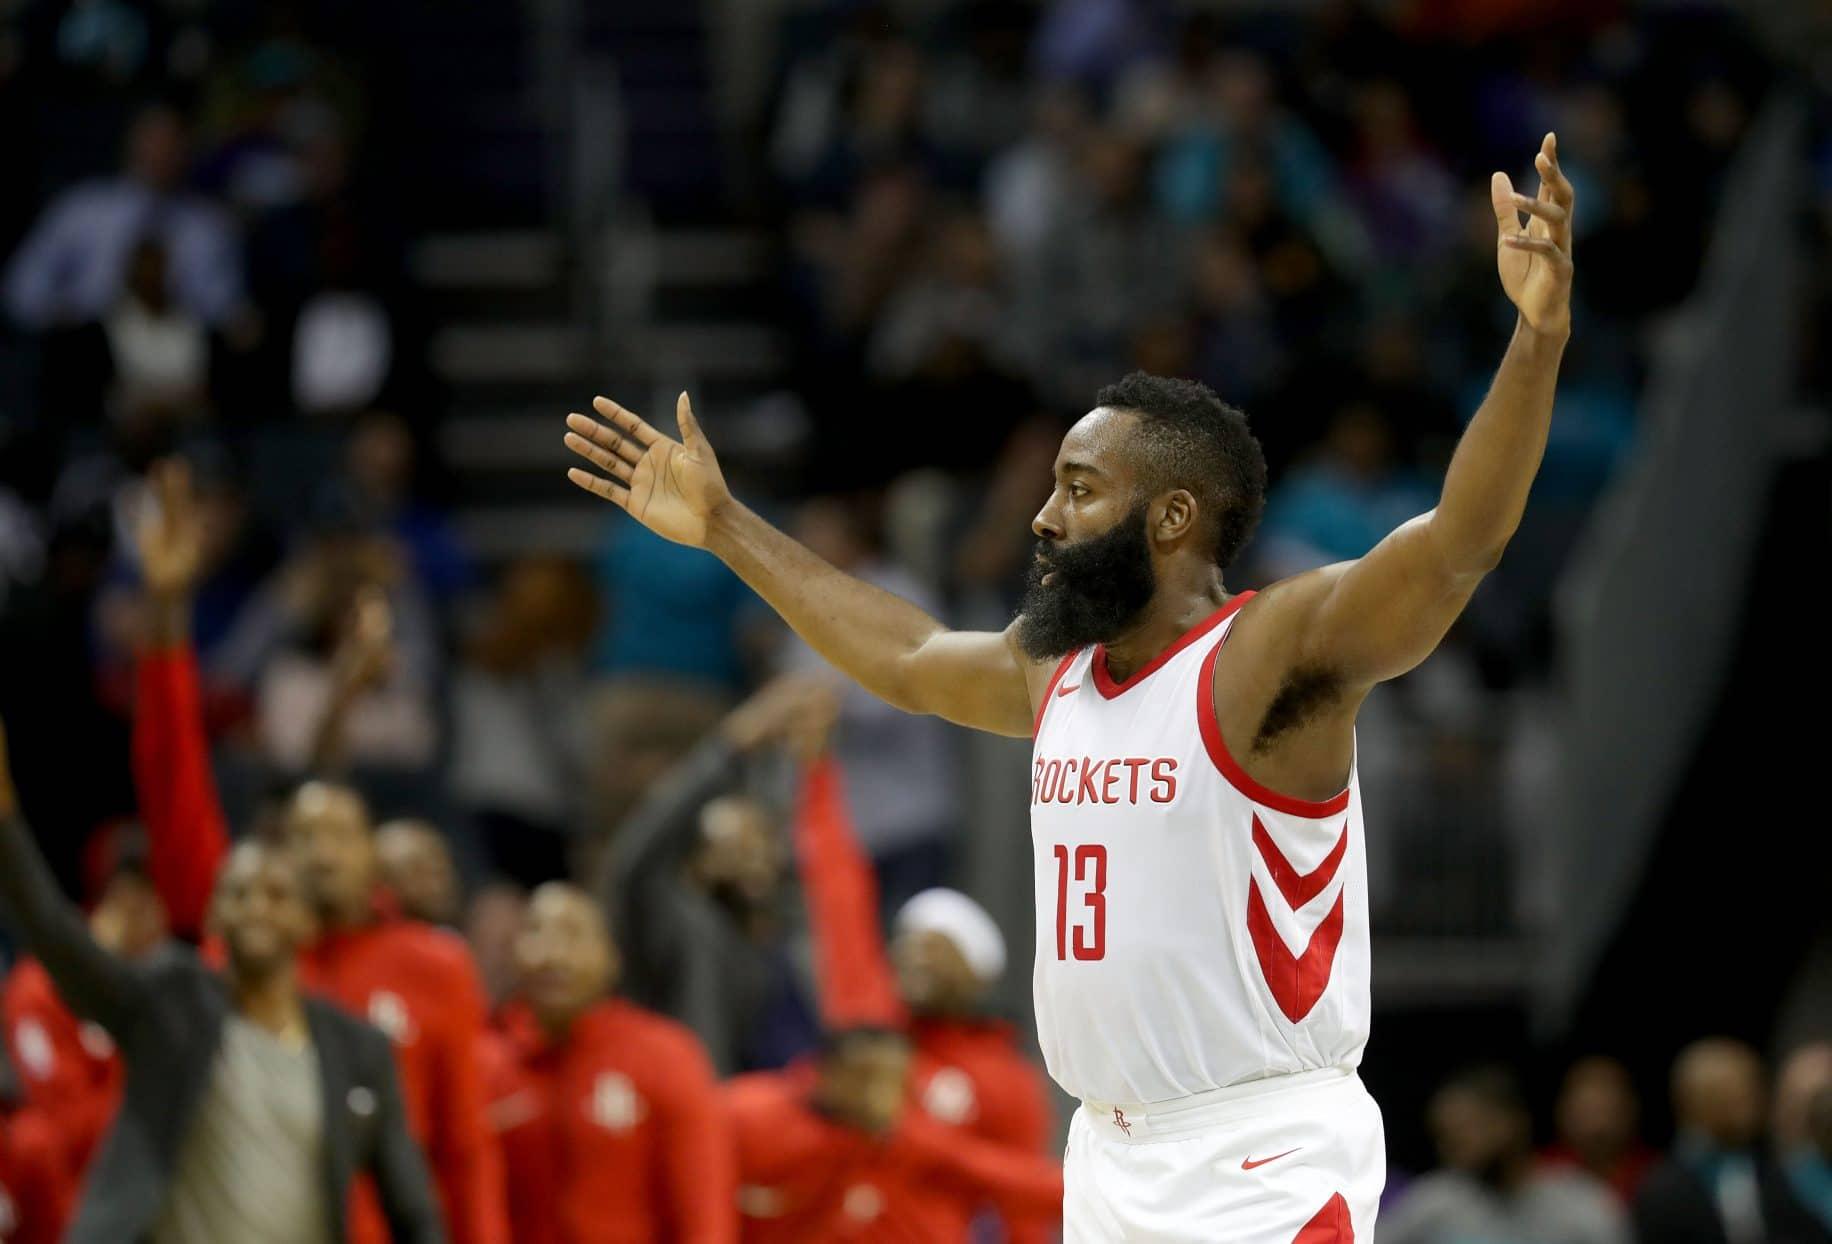 New York Knicks: 5 Takeaways From Loss vs. Rockets